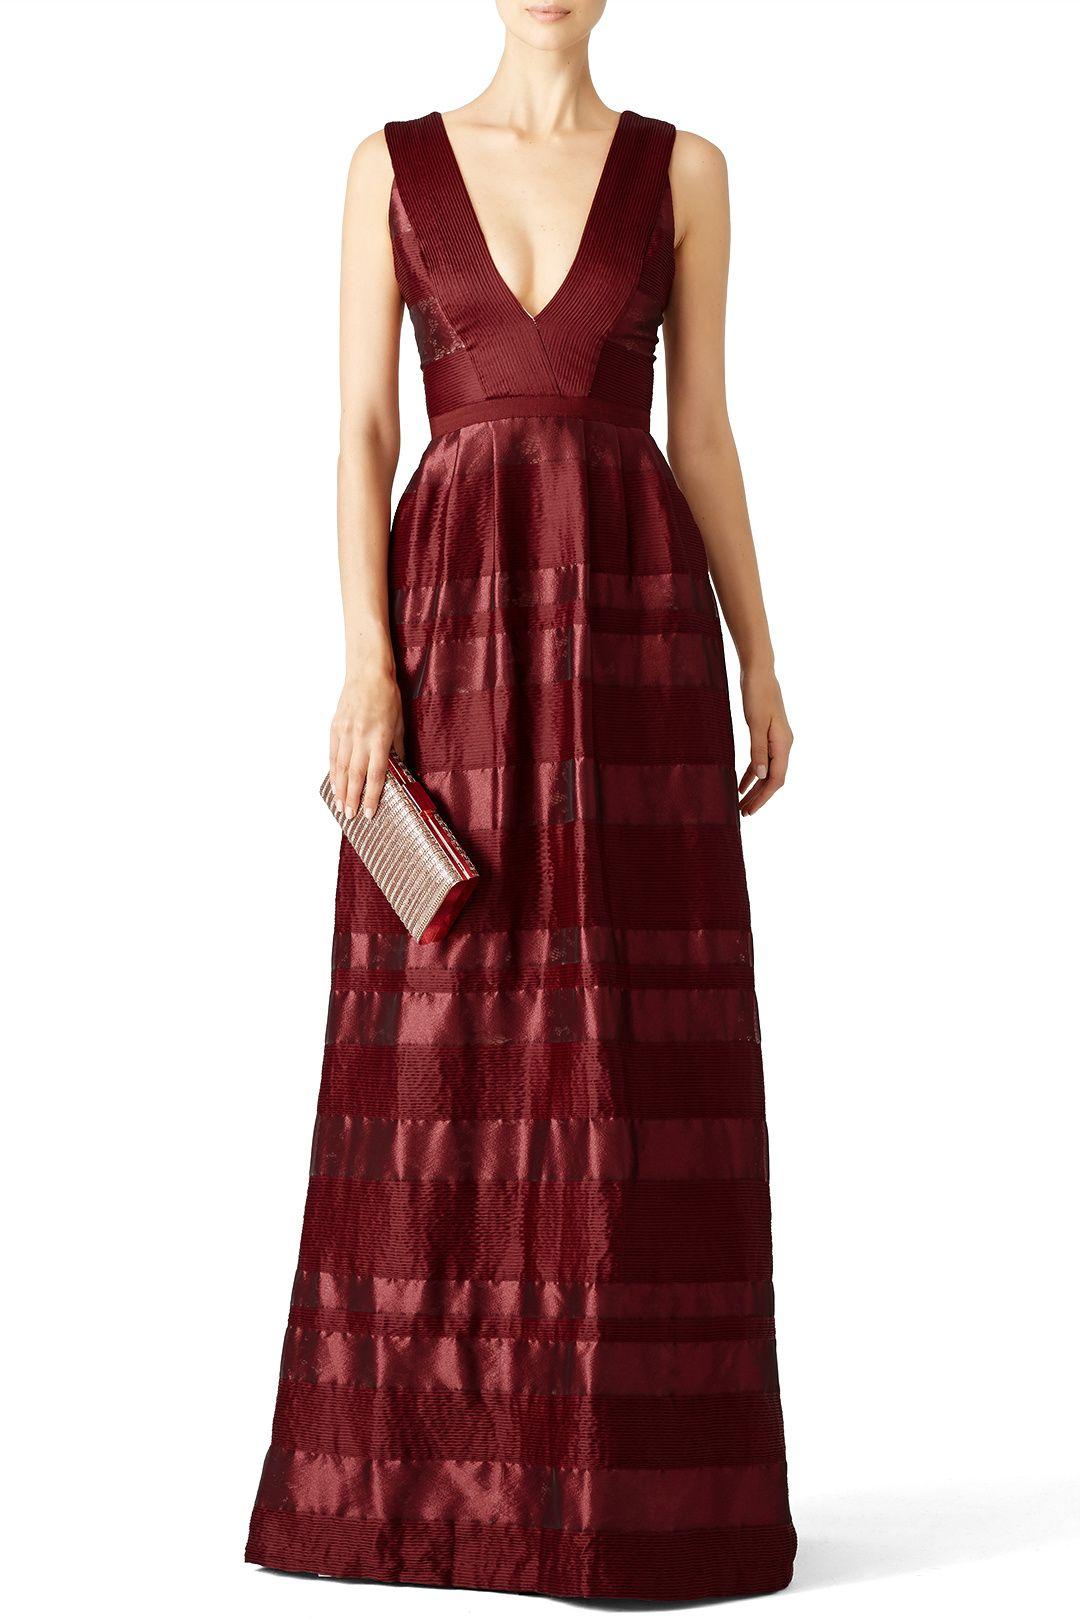 Rent Bordeaux Satin Stripe Gown by ML Monique Lhuillier for $100 ...